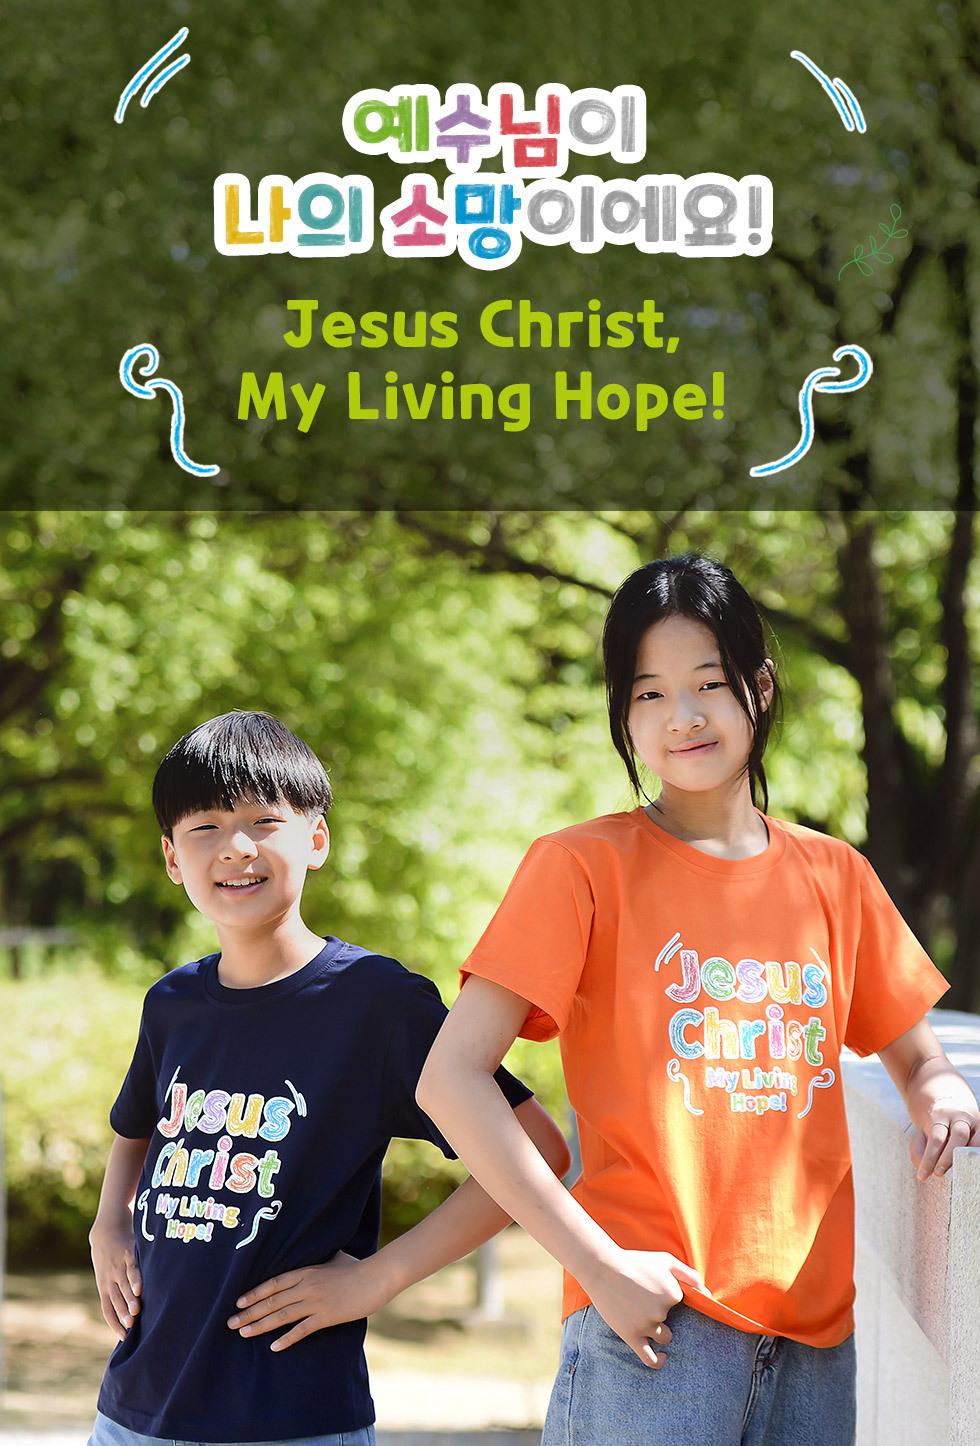 예수님이 나의 소망이예요!, Jesus Christ My Living Hope! - 아동티셔츠(리빙홉) 타이틀이미지